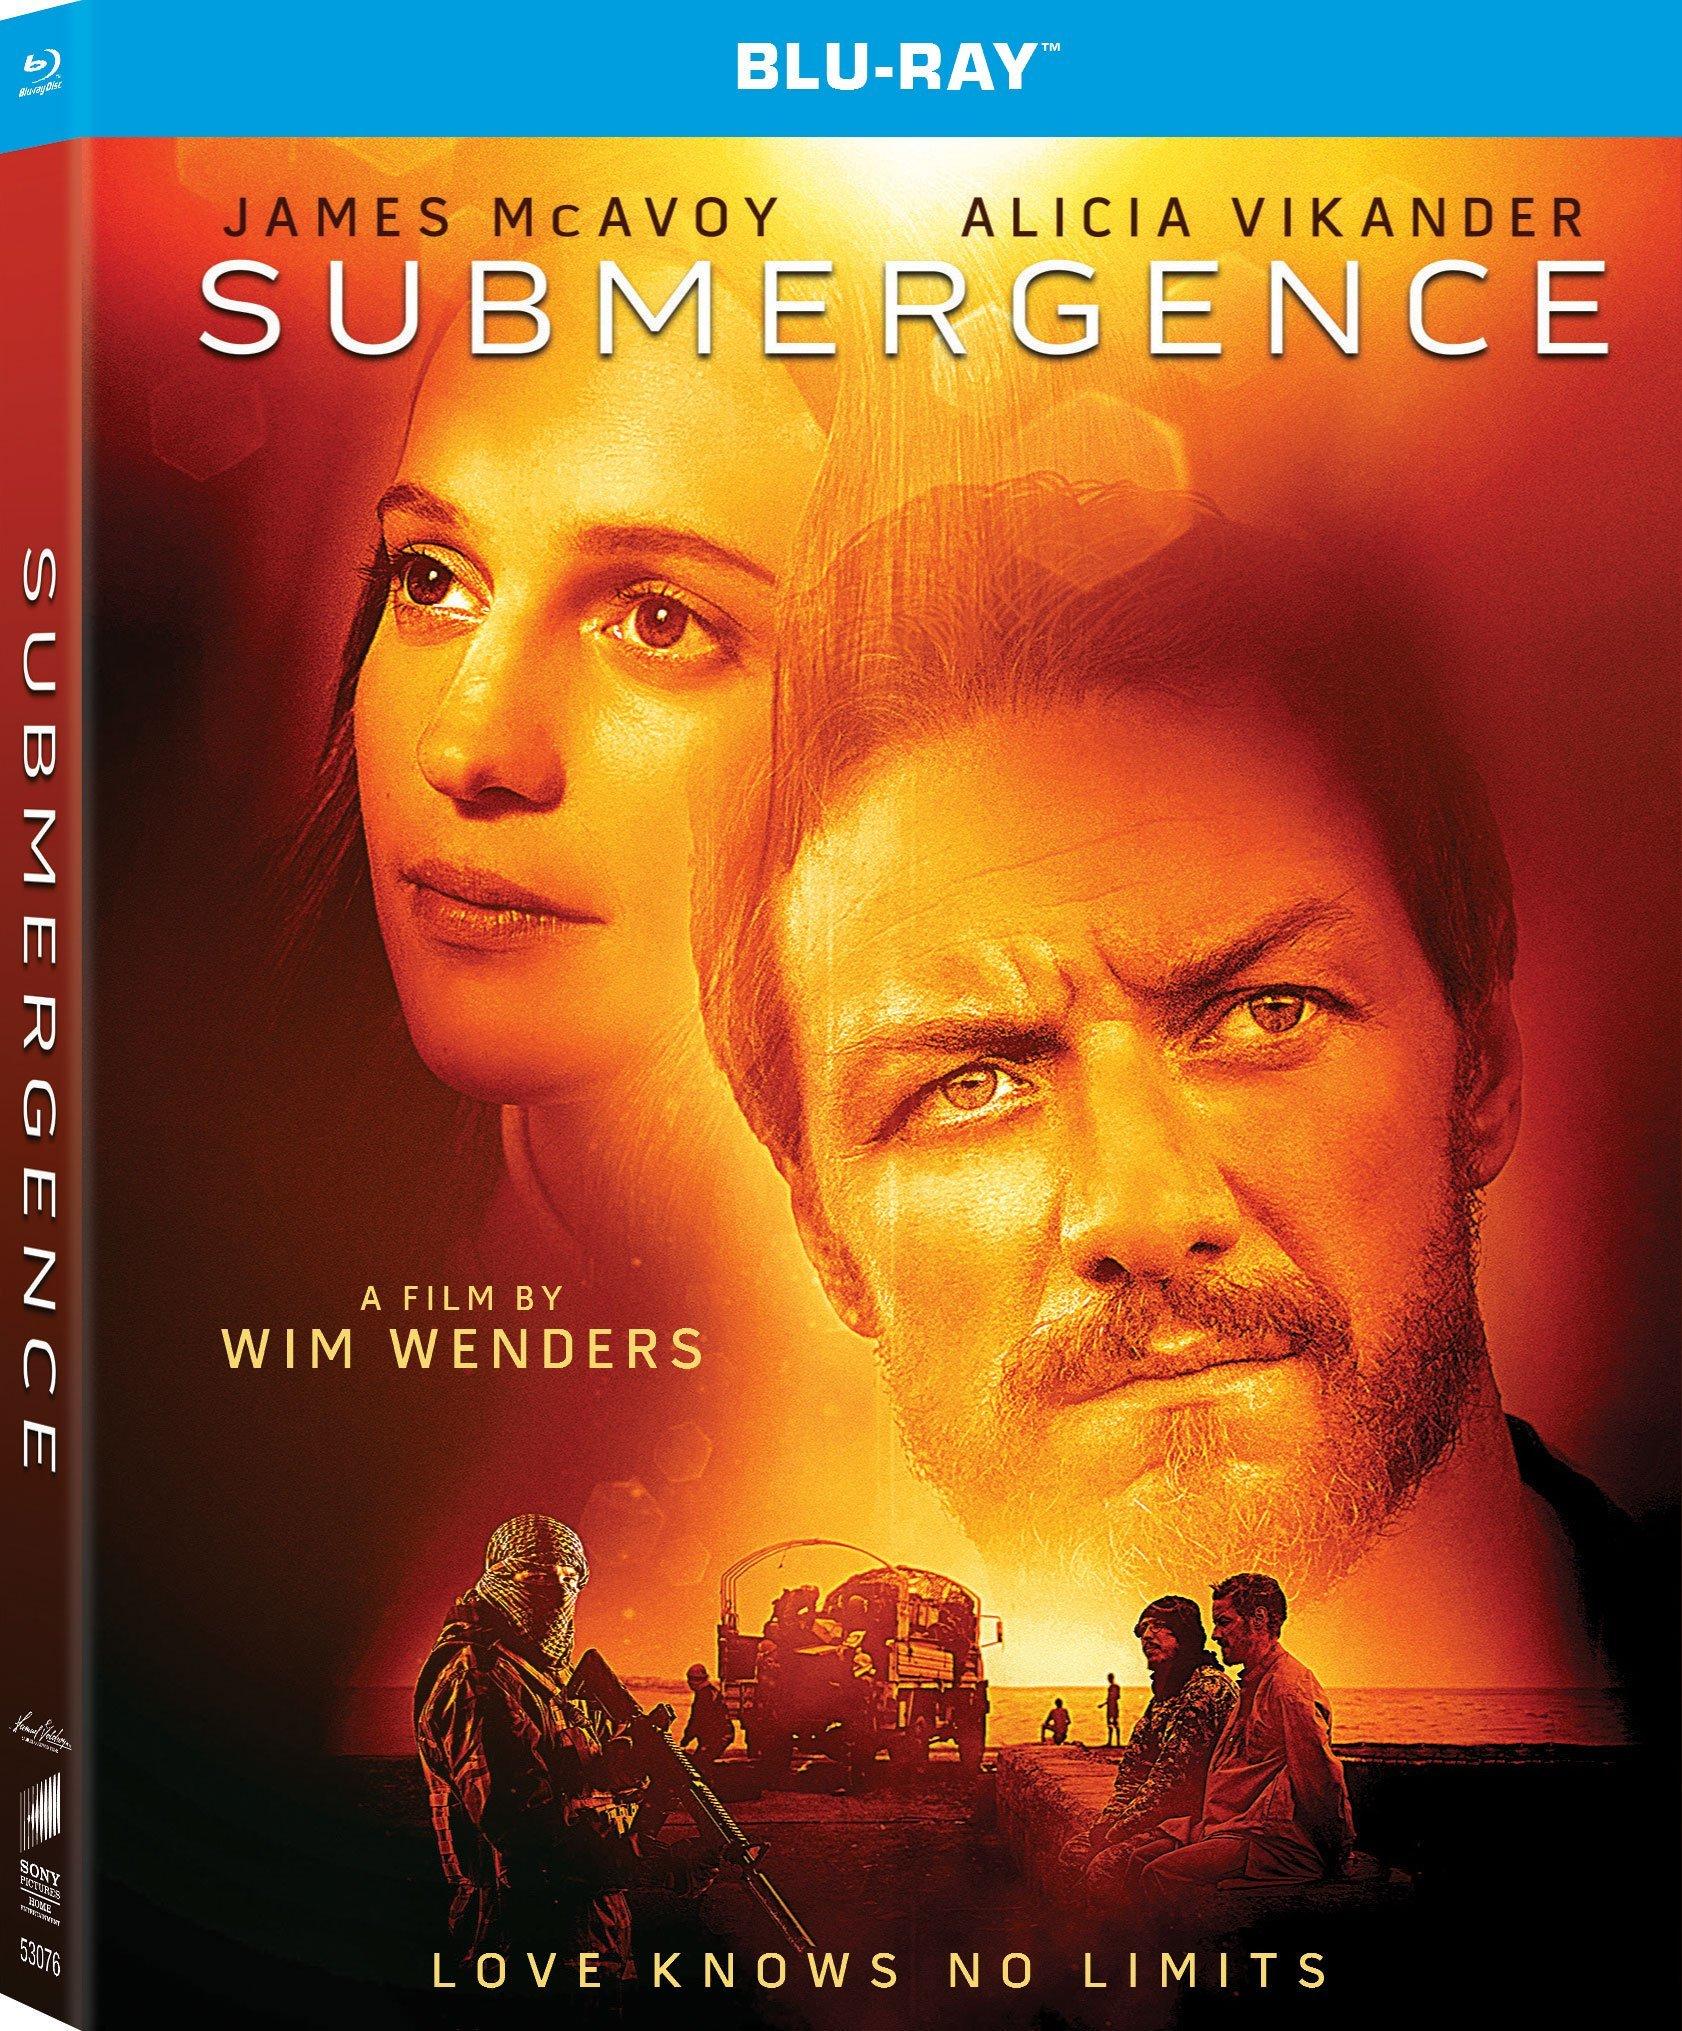 Submergence (2017) Blu-ray